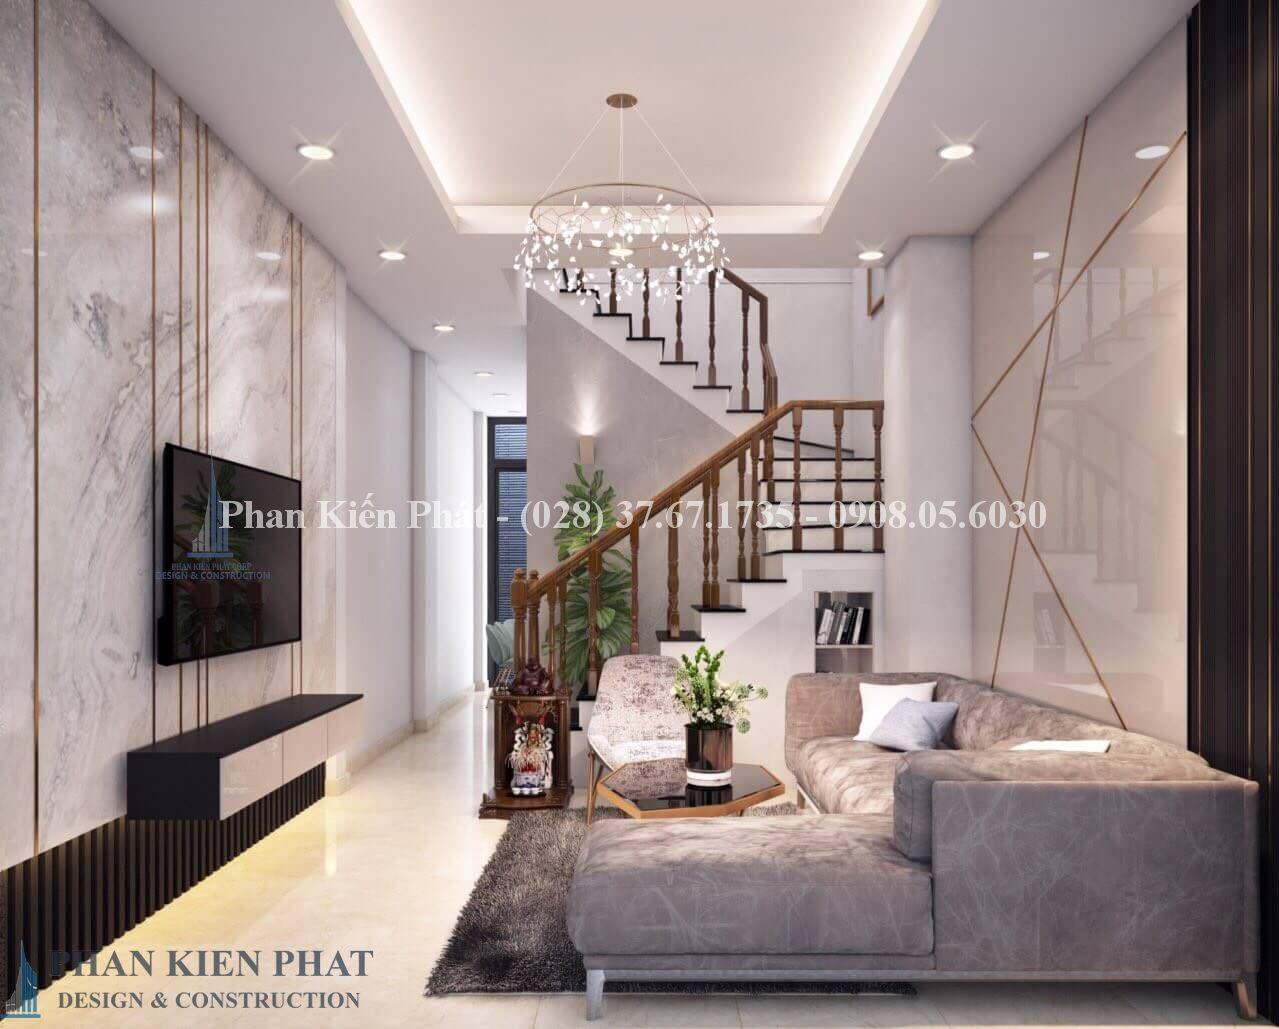 Thiet Ke Noi That Phong Khach View3